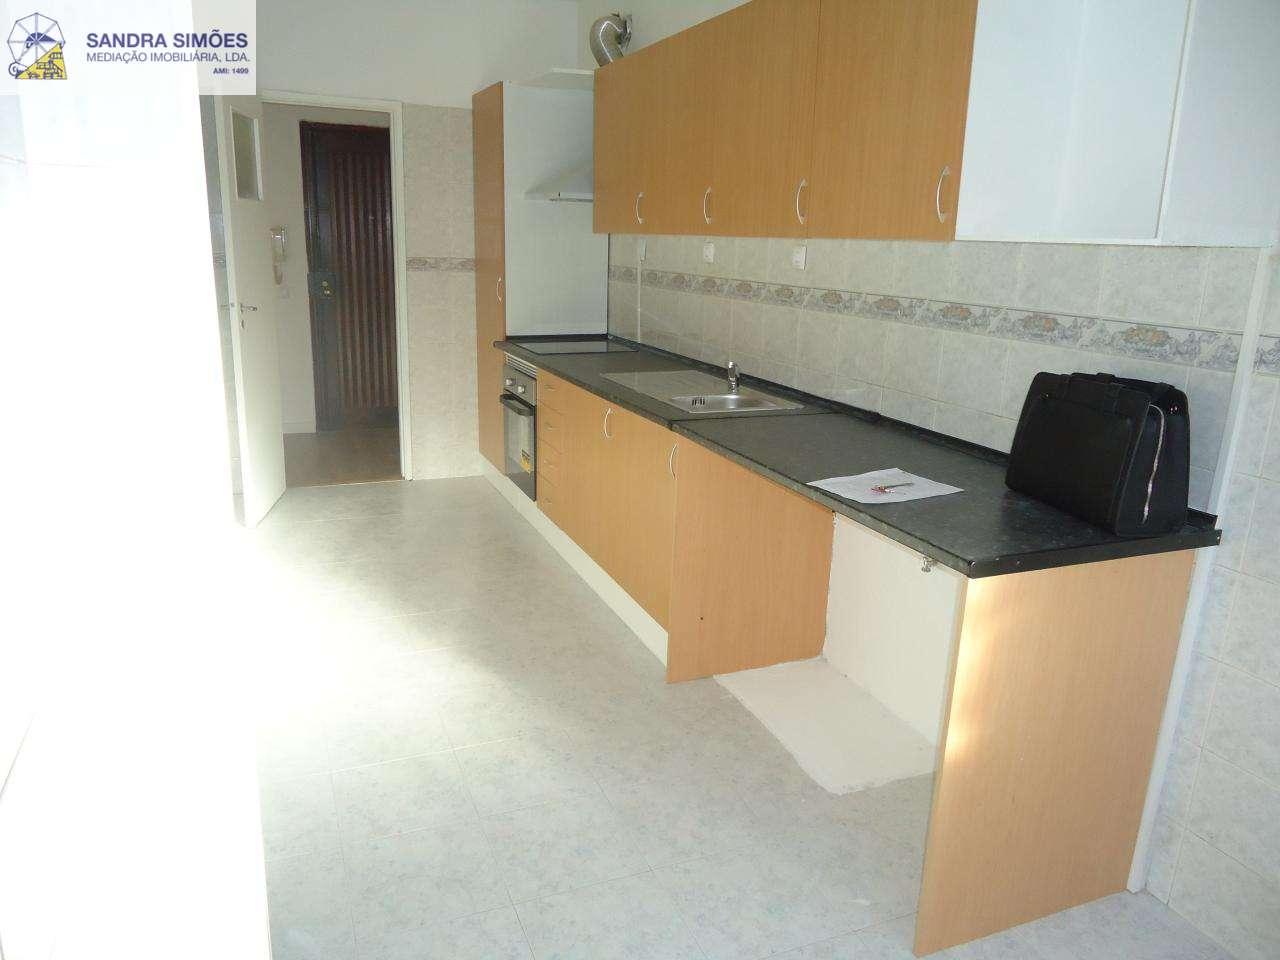 Apartamento para comprar, Costa da Caparica, Setúbal - Foto 1